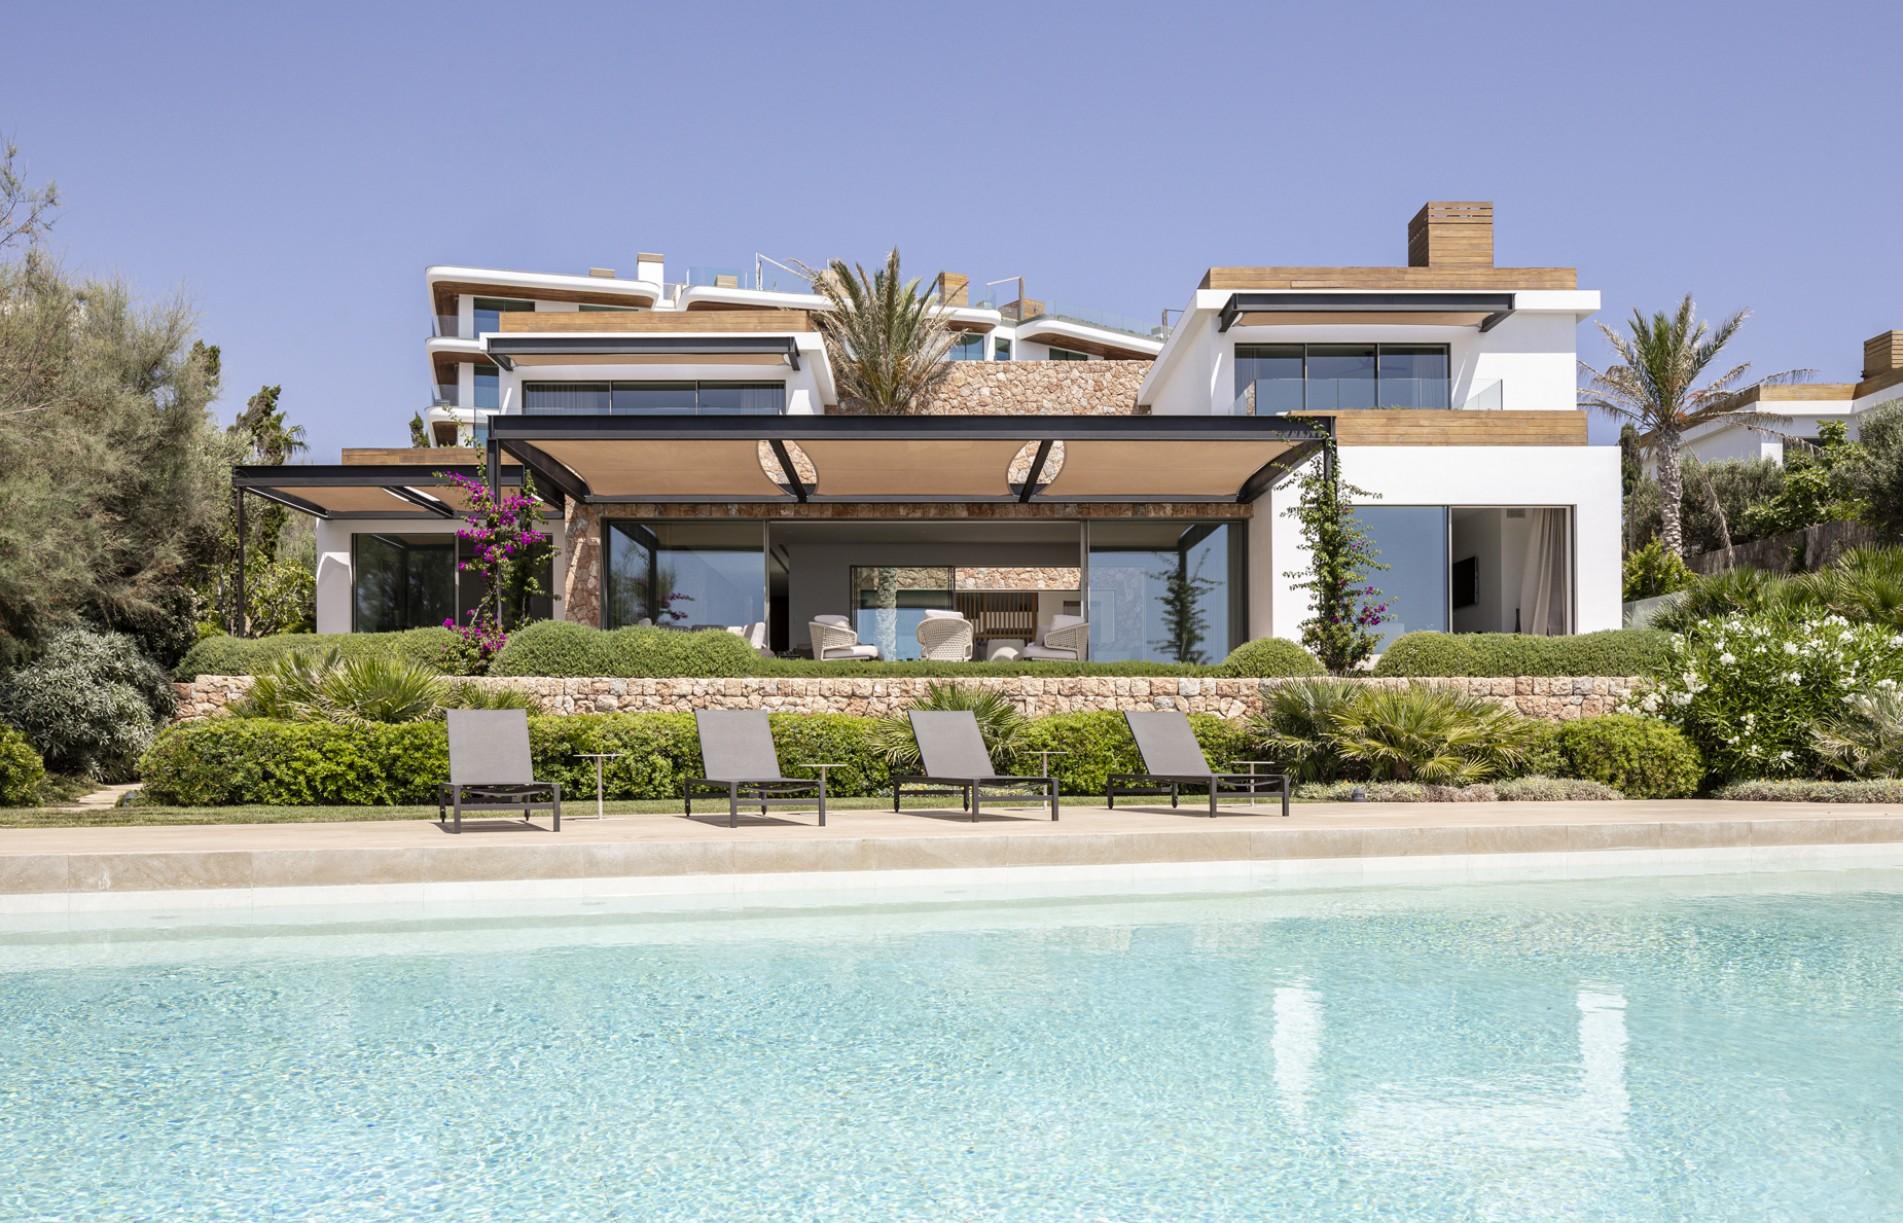 Grupo-ferra-constructora-mallorca-cap-adriano-residencial-villas-lujo-calvia-fachada.jpg